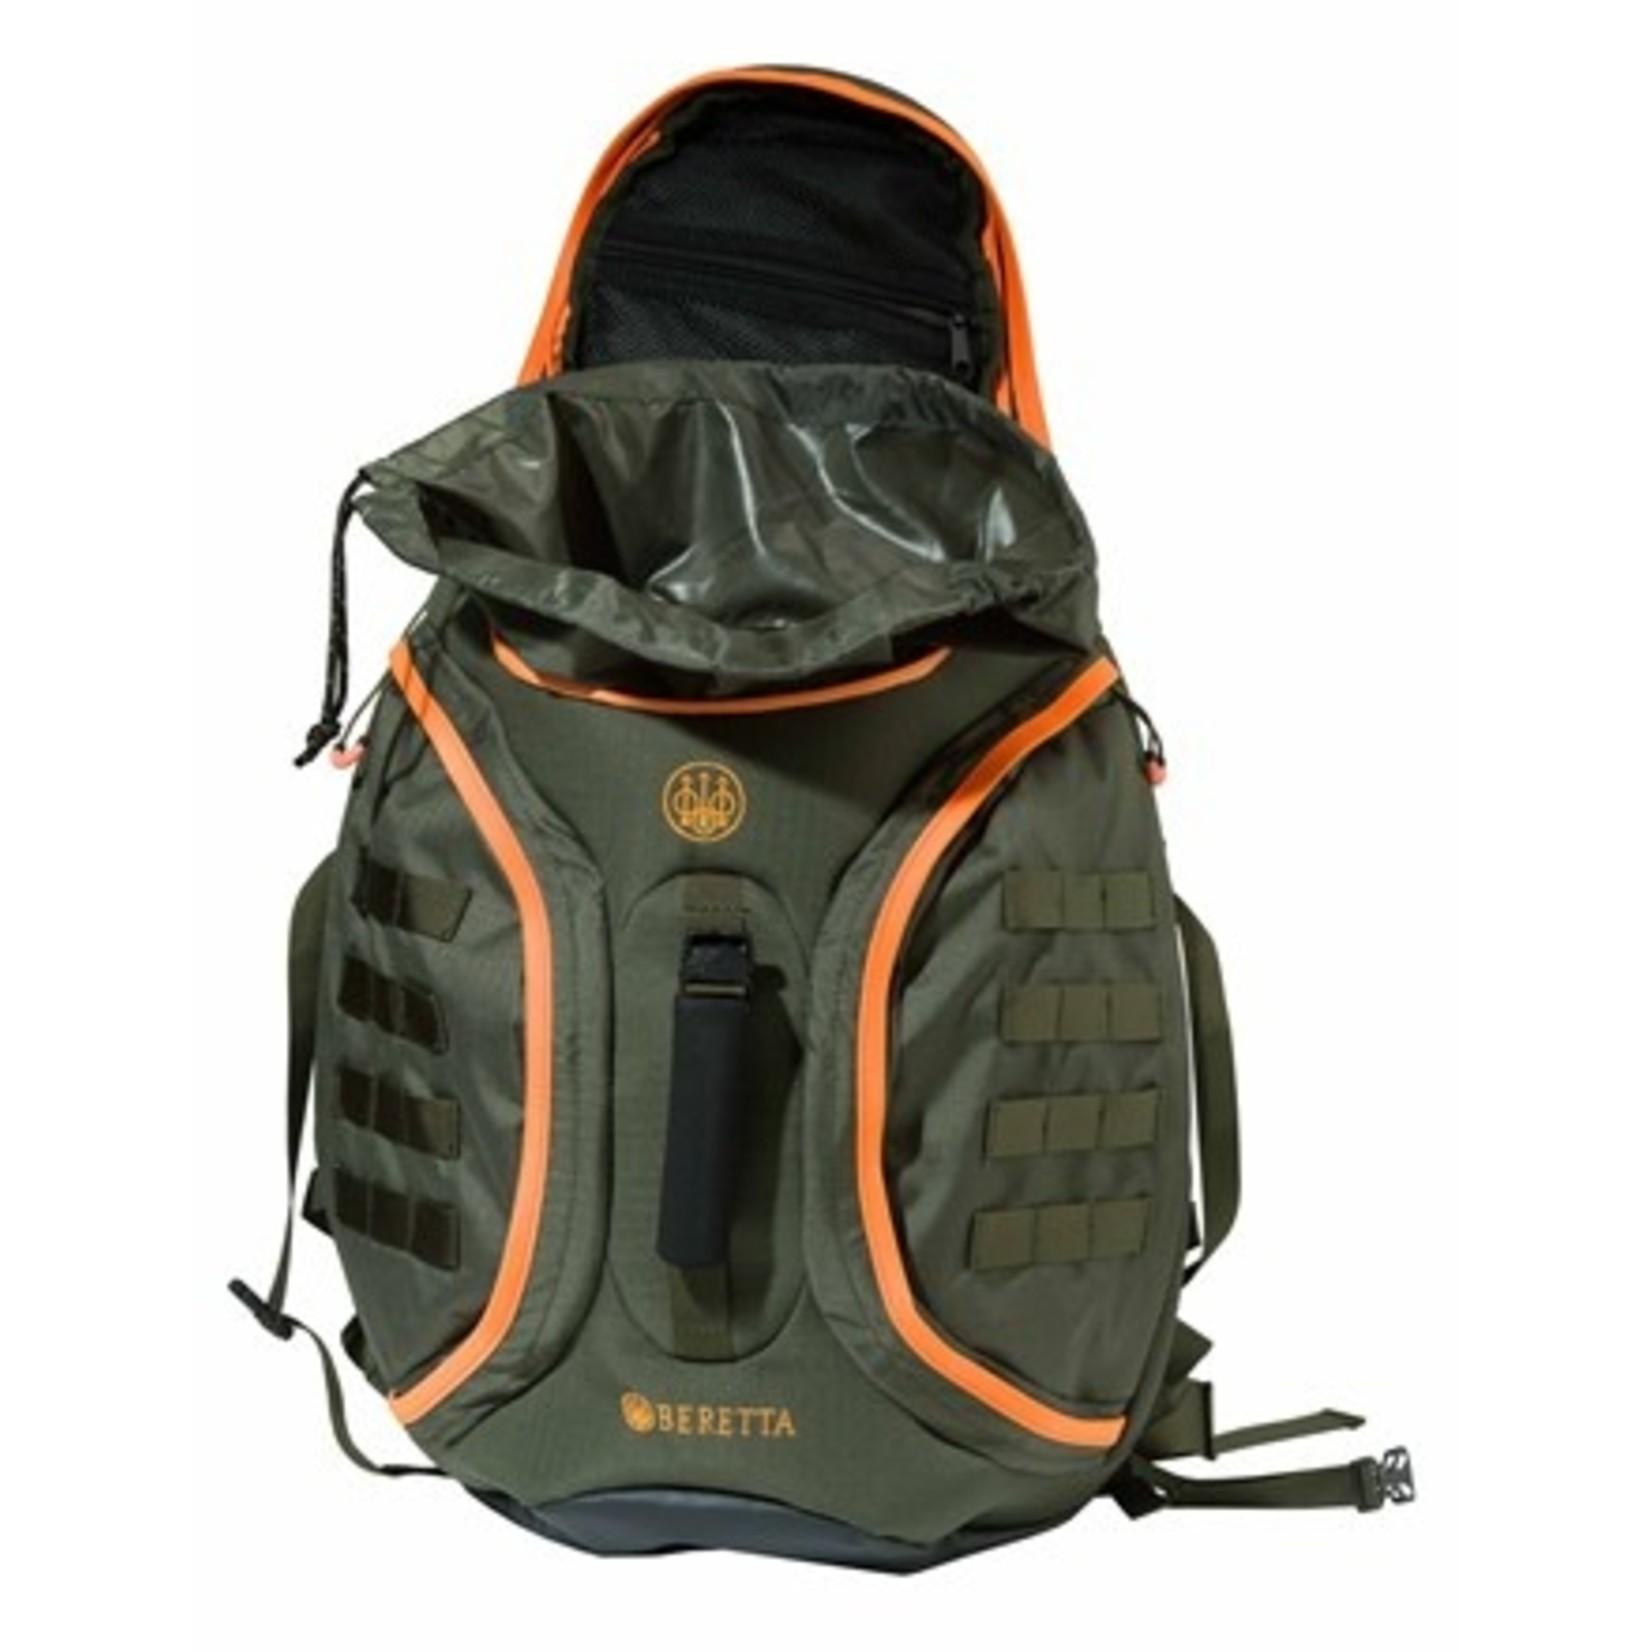 Beretta Beretta Modular Backpack 35 Lt - M.O.L.L.E